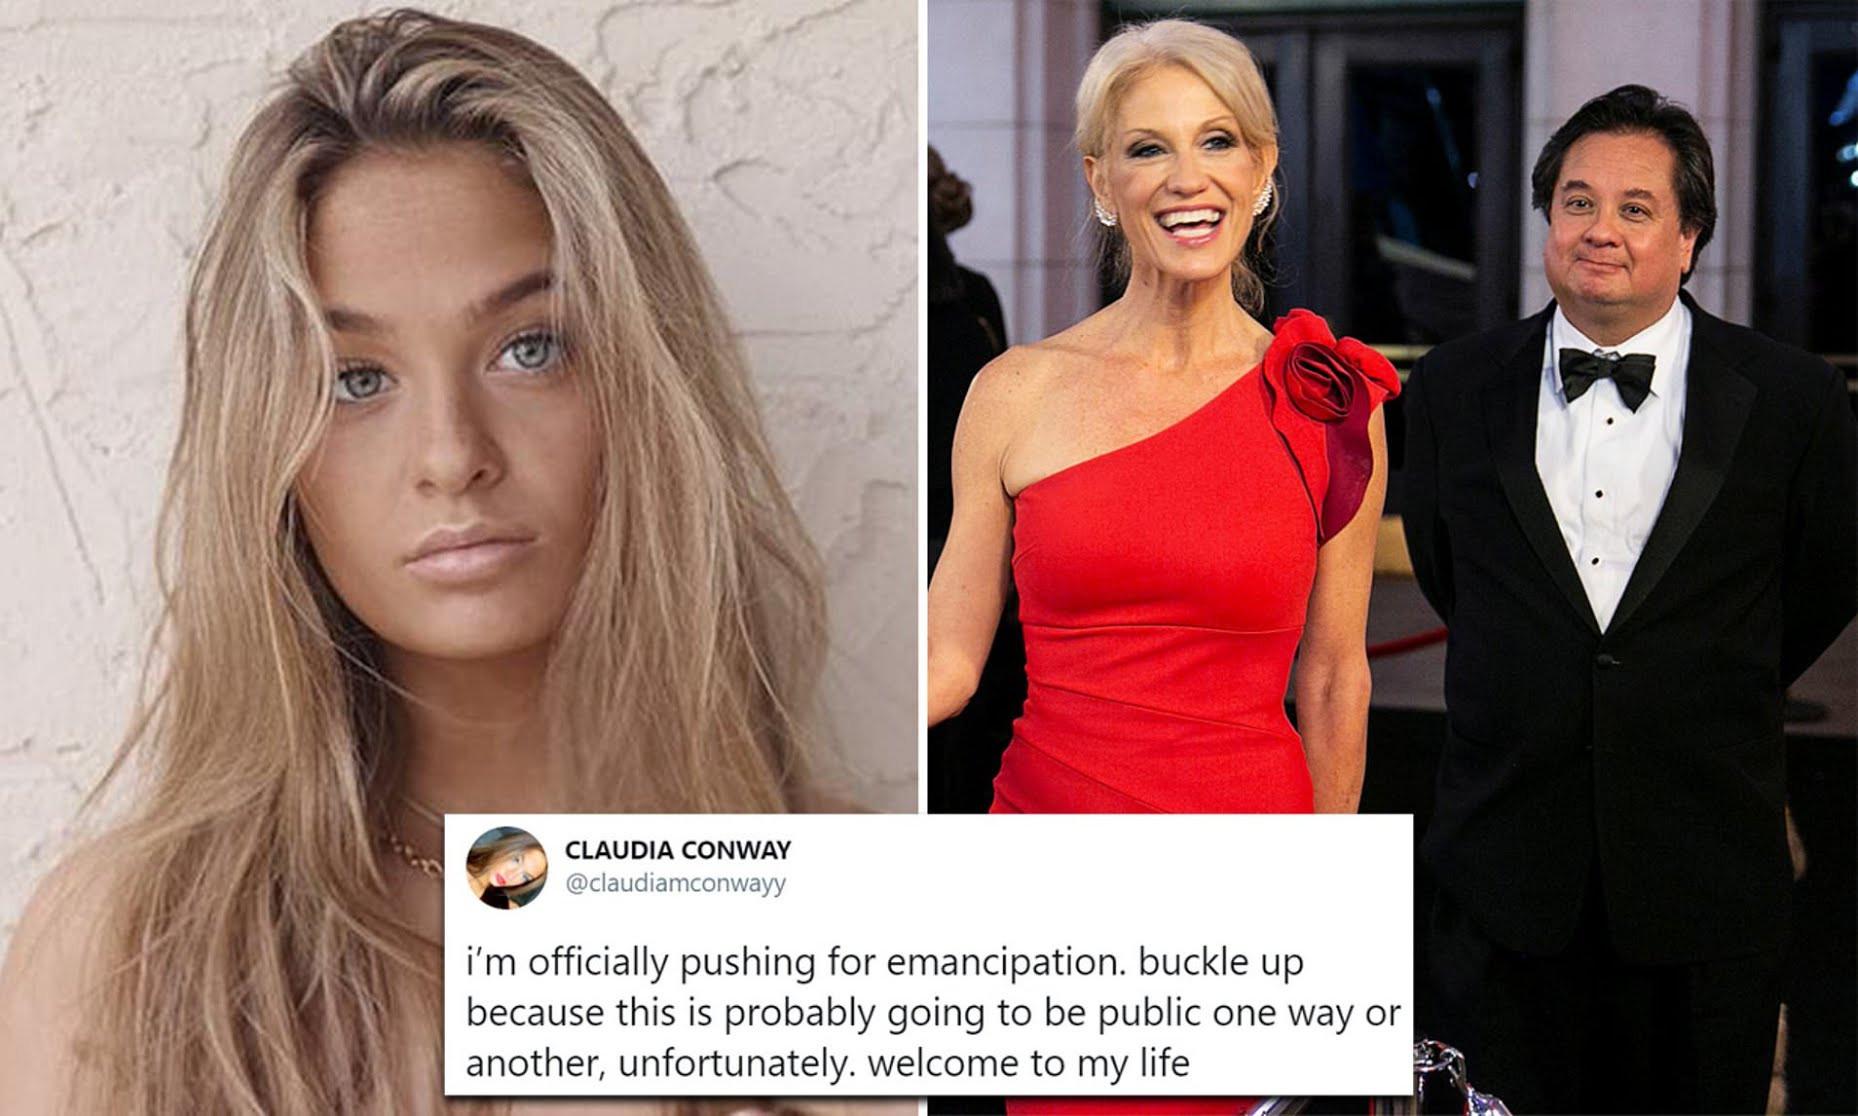 Trump adviser, Kellyanne Conway